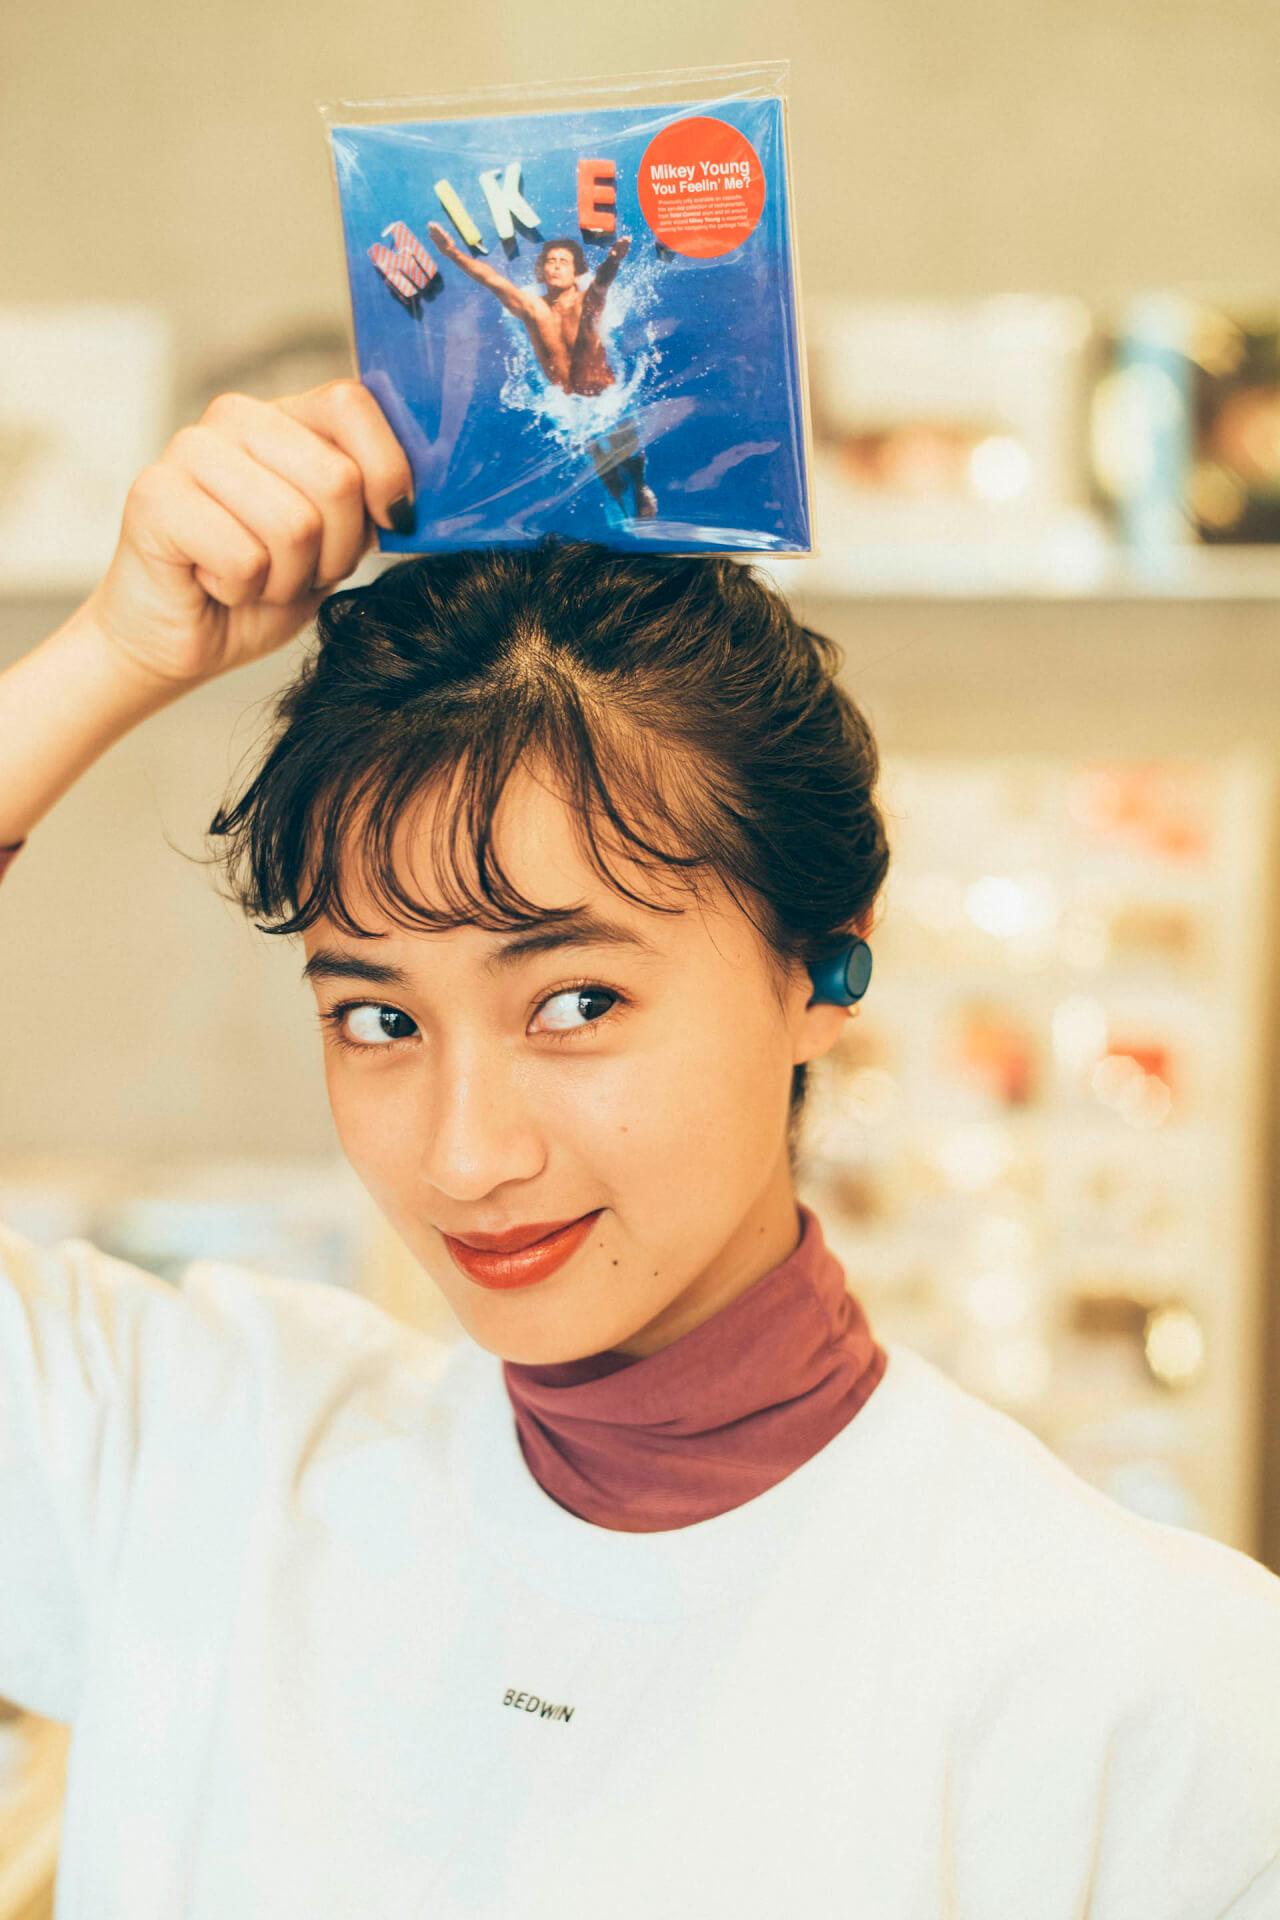 雑誌JELLY、TGCで活躍するモデル玖瑠実があいみょん、スダンナユズユリーら女性アーティストを中心にセレクトしたプレイリストを公開! tech200507_kurumi_at_5